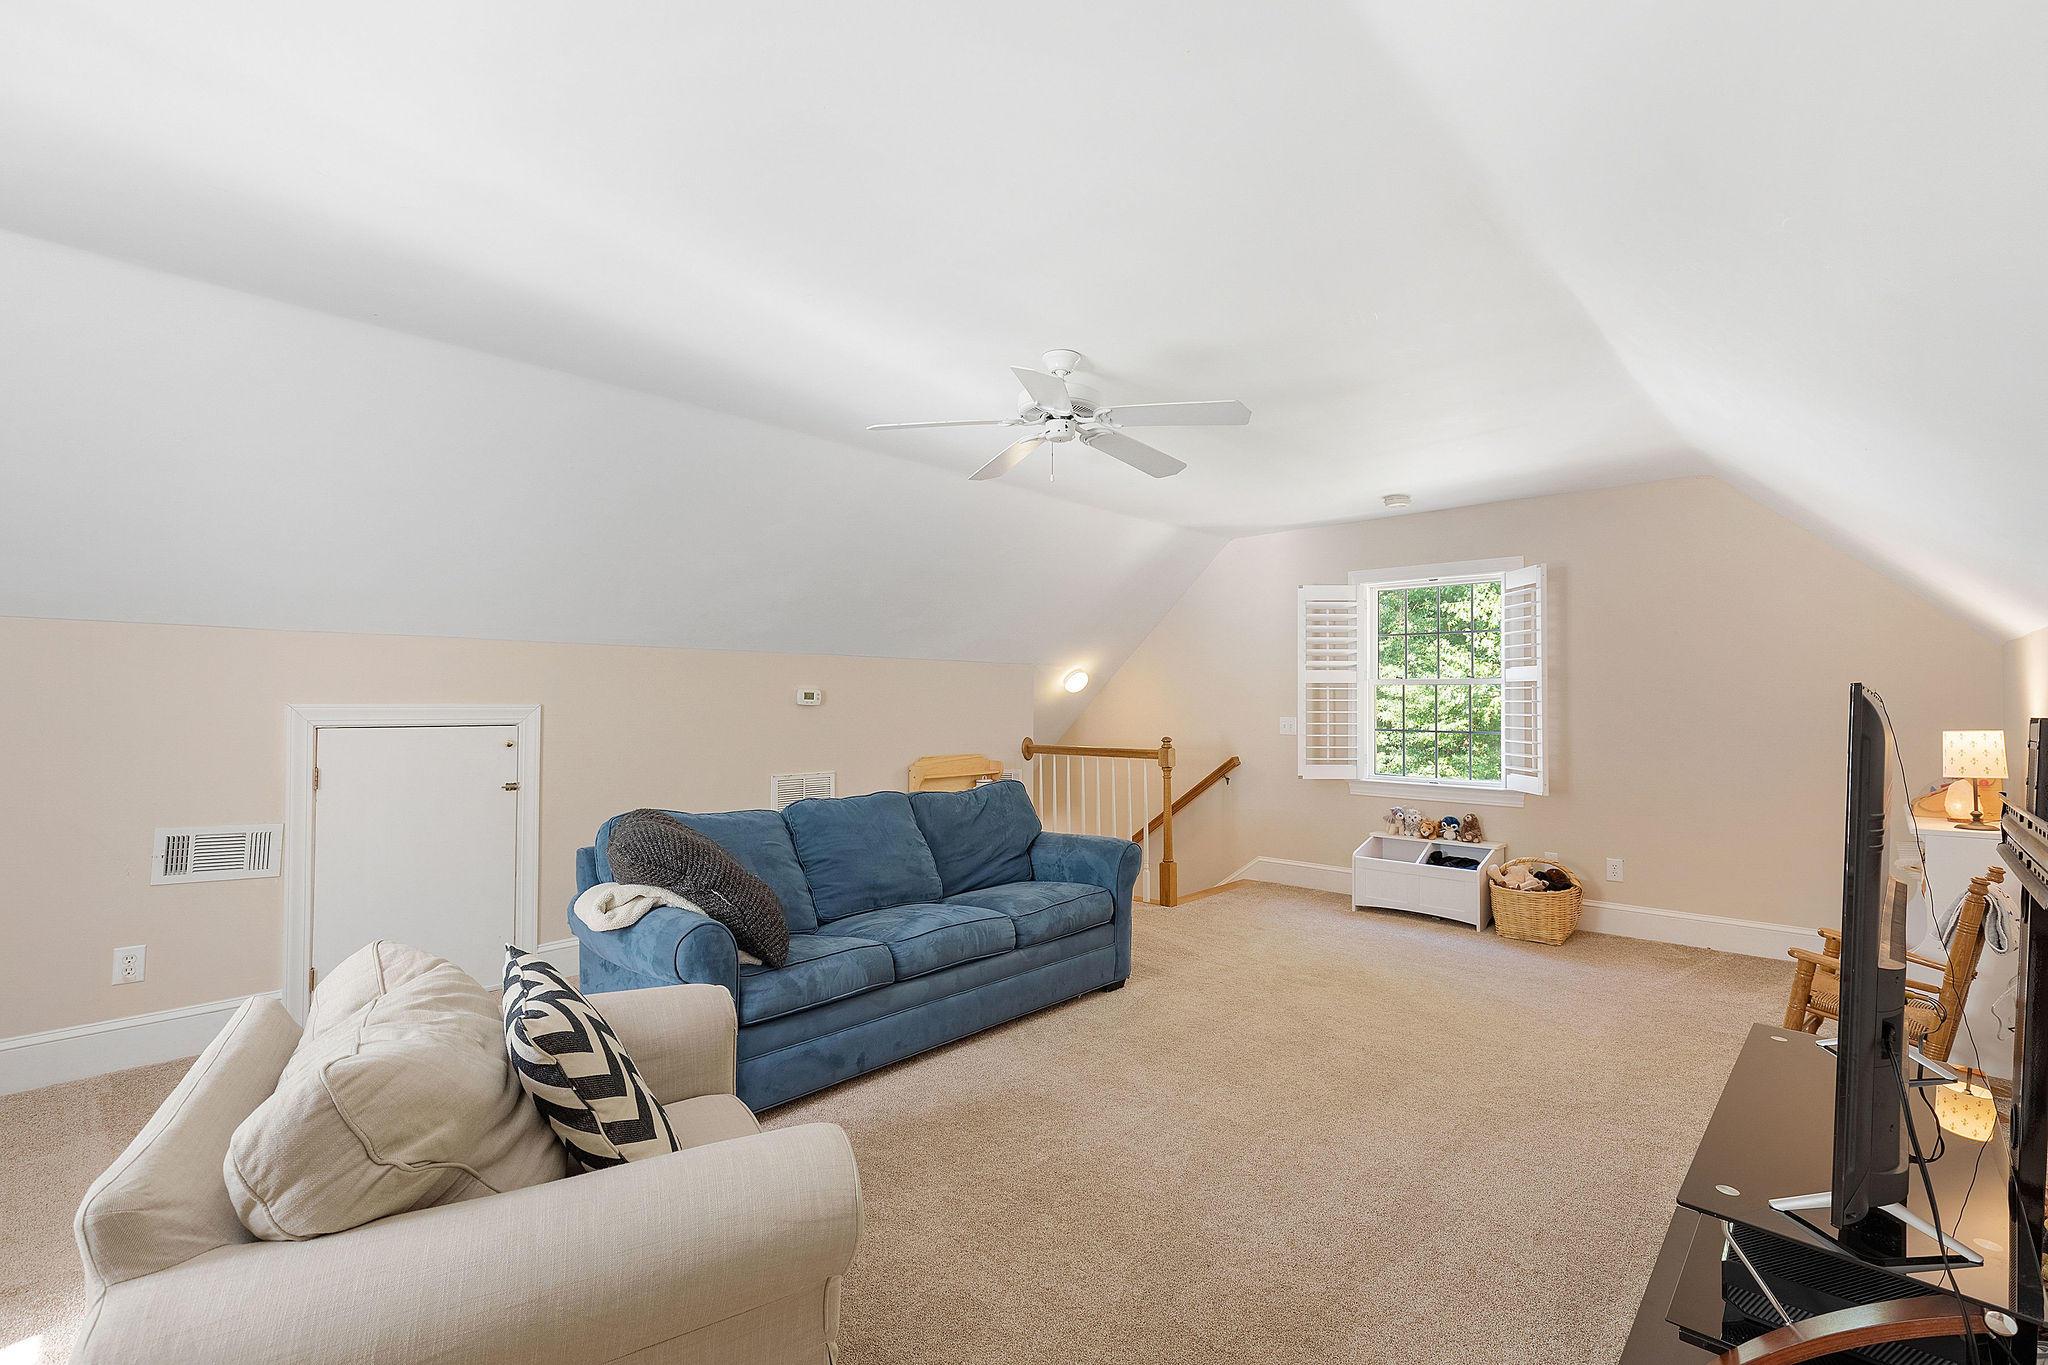 Dunes West Homes For Sale - 3201 Cottonfield, Mount Pleasant, SC - 28